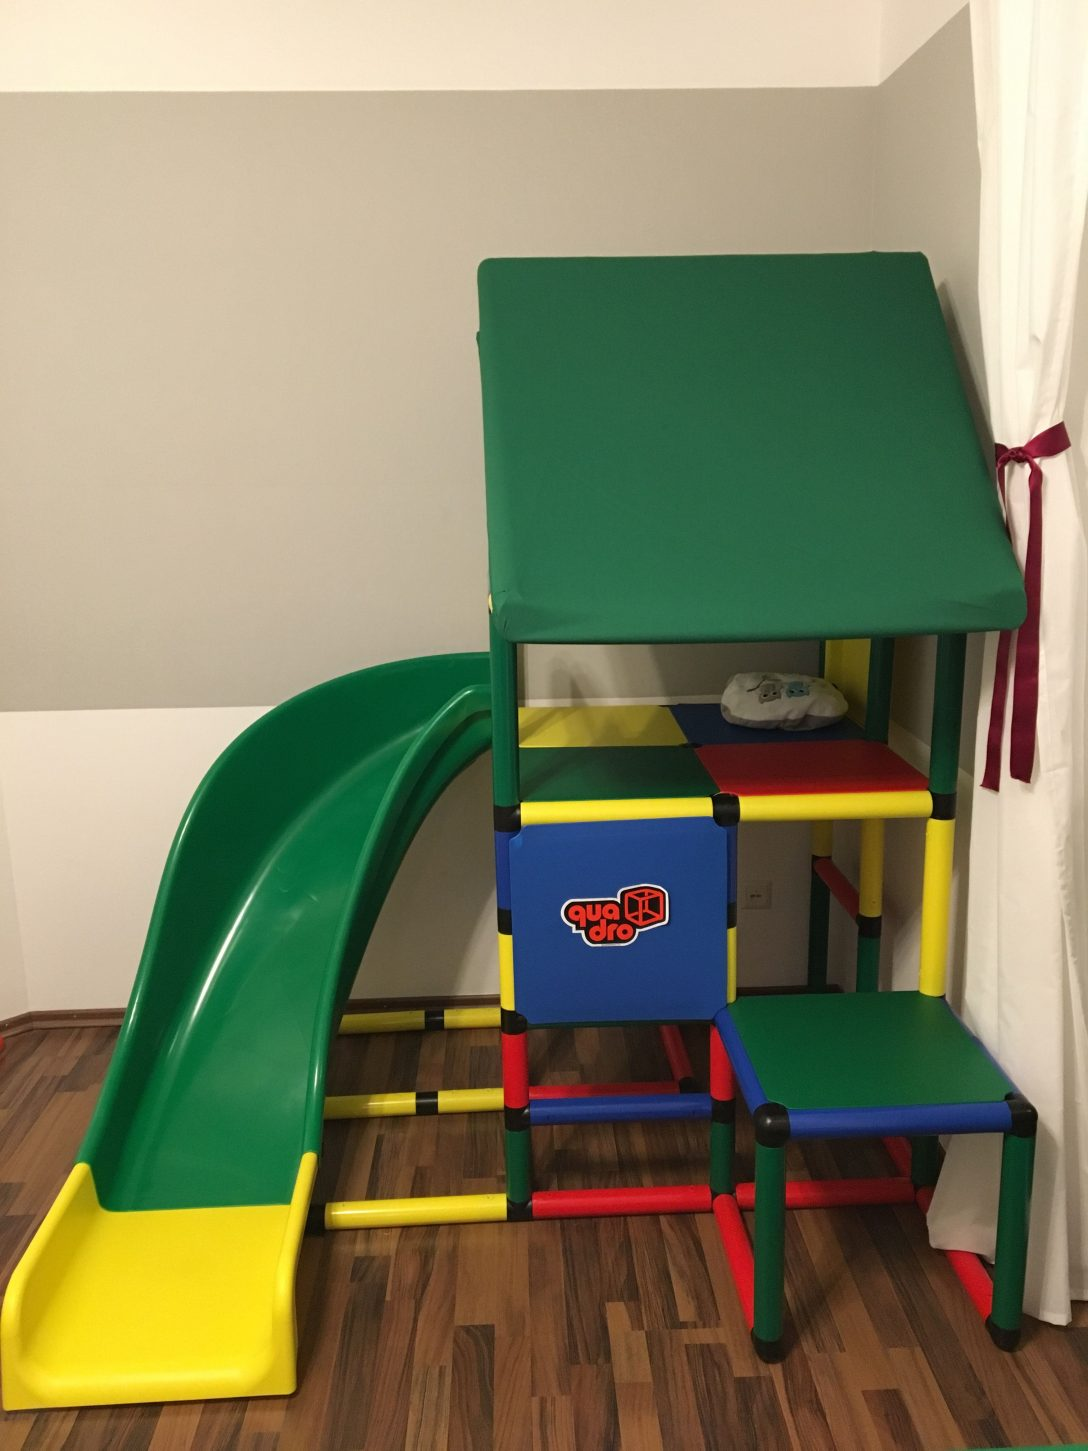 Large Size of Klettergerüst Indoor Klettergerst Von Quadro Frs Kinderzimmer Einfach Super Garten Wohnzimmer Klettergerüst Indoor